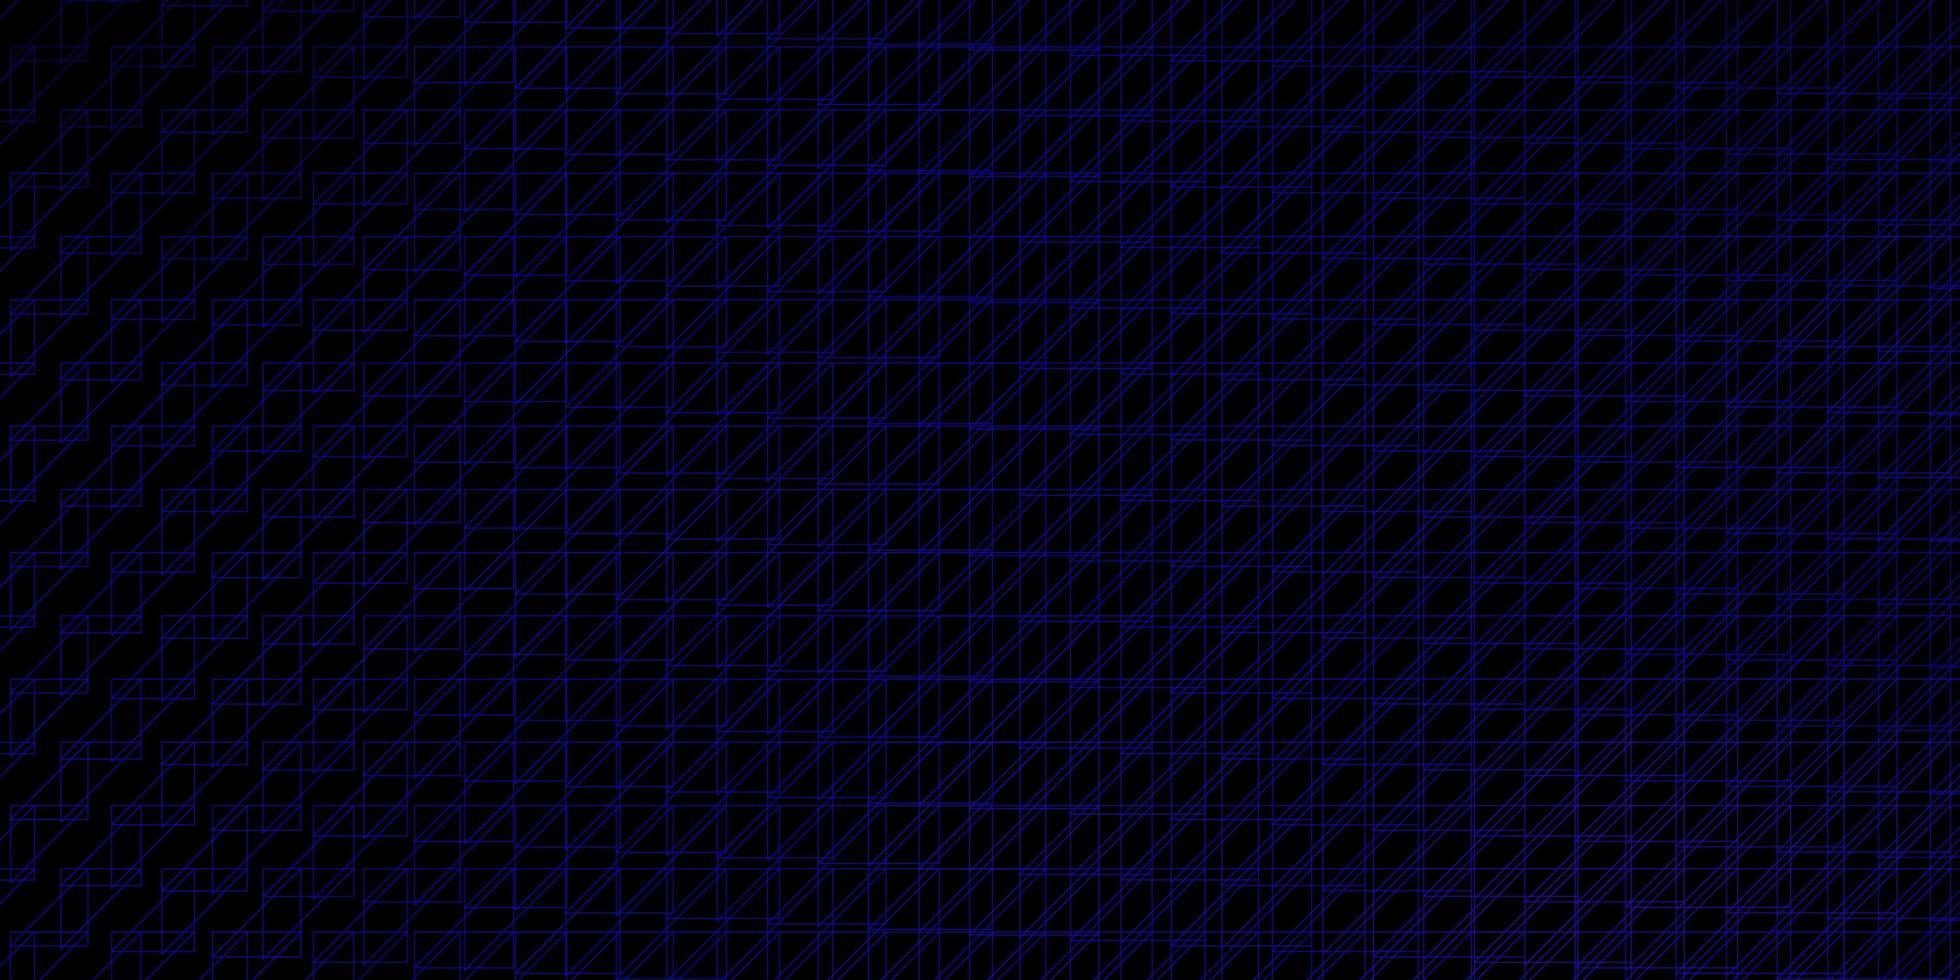 plantilla de vector azul oscuro con líneas.